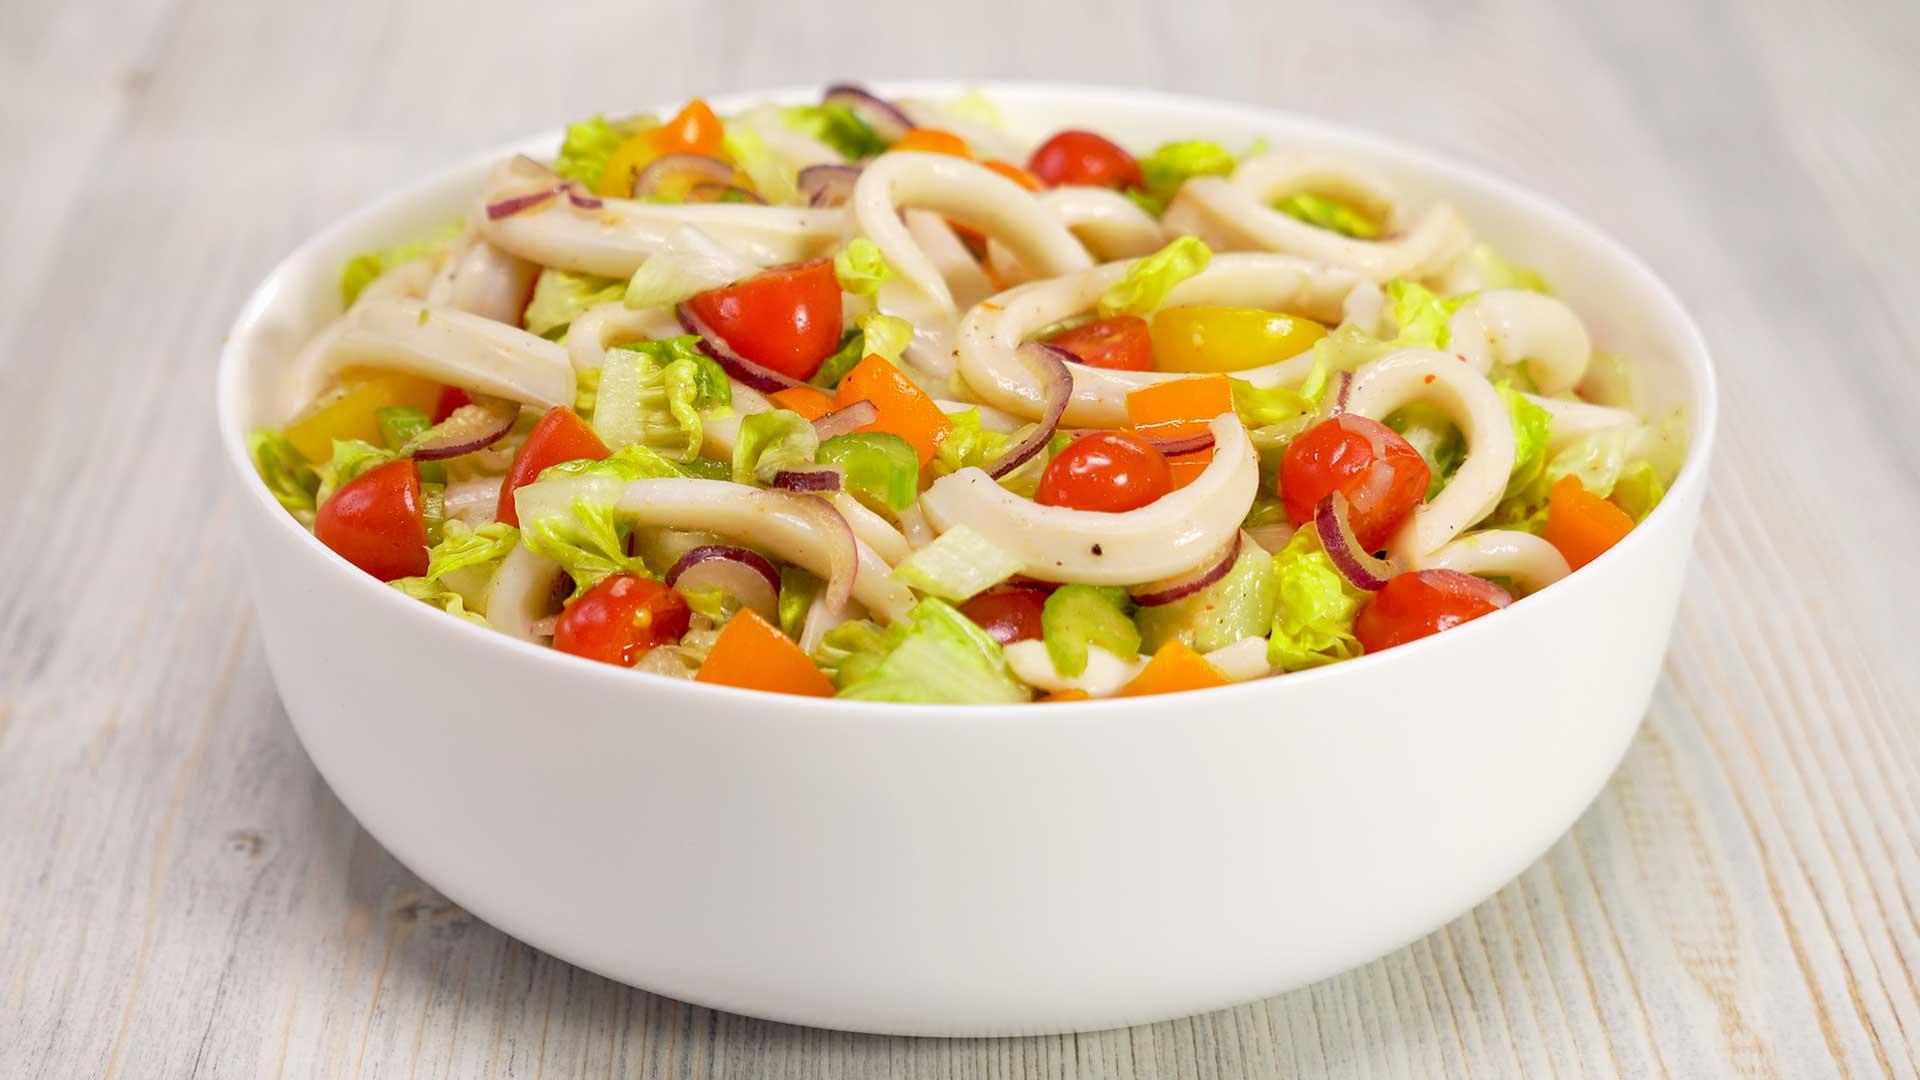 Теплый салат из кальмаров и овощей с пикантным соусом